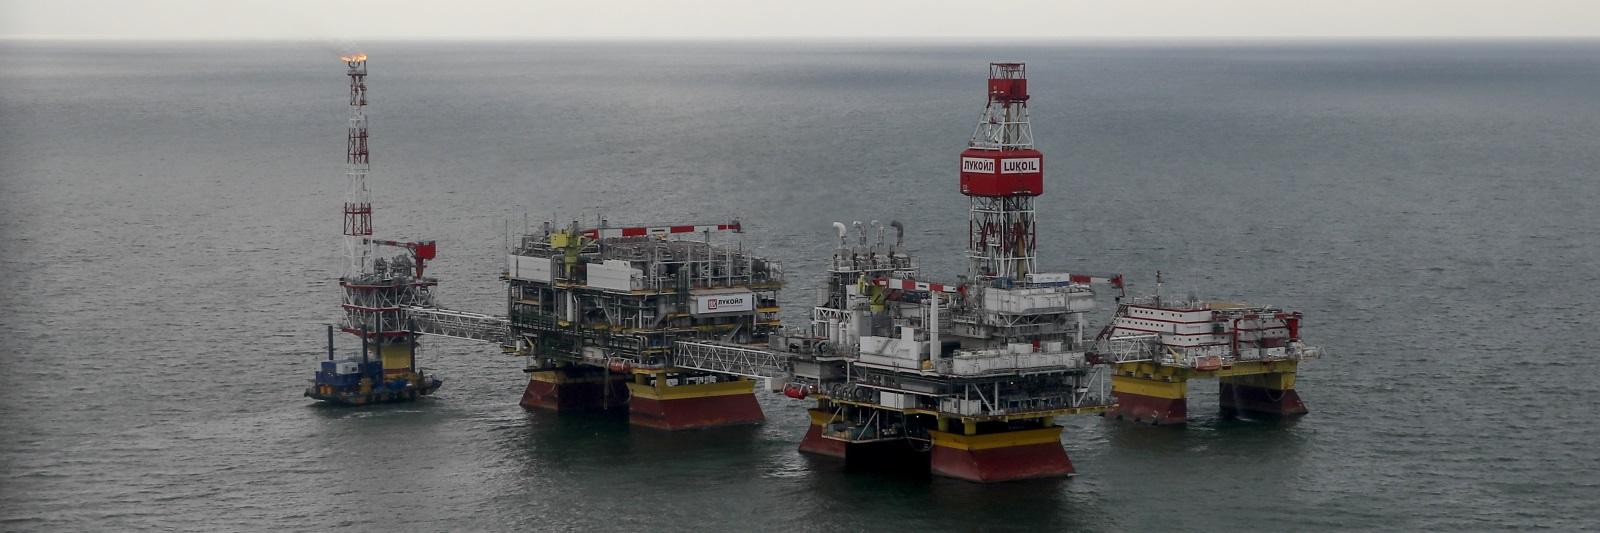 بالفيديو  ..  كورونا و حرب أسعار النفط و نظرية المؤامرة